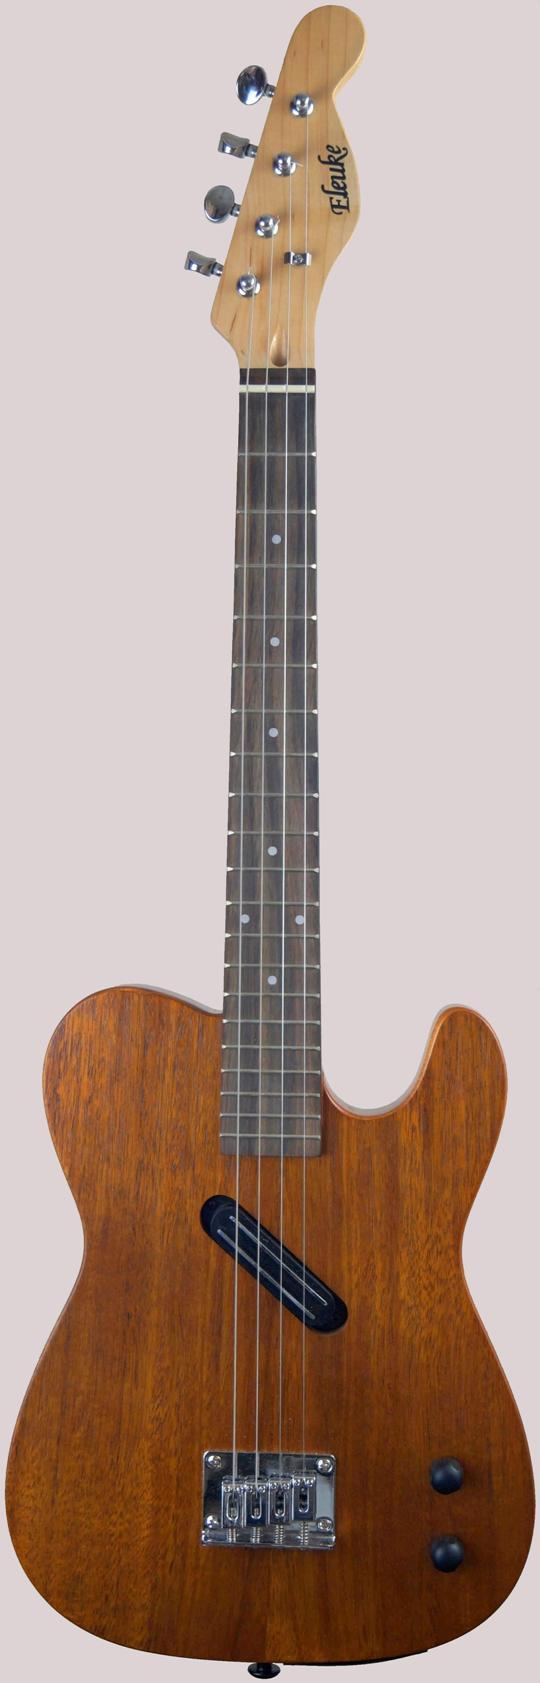 Eleuke BCP-T steel strung Baritone ukulele